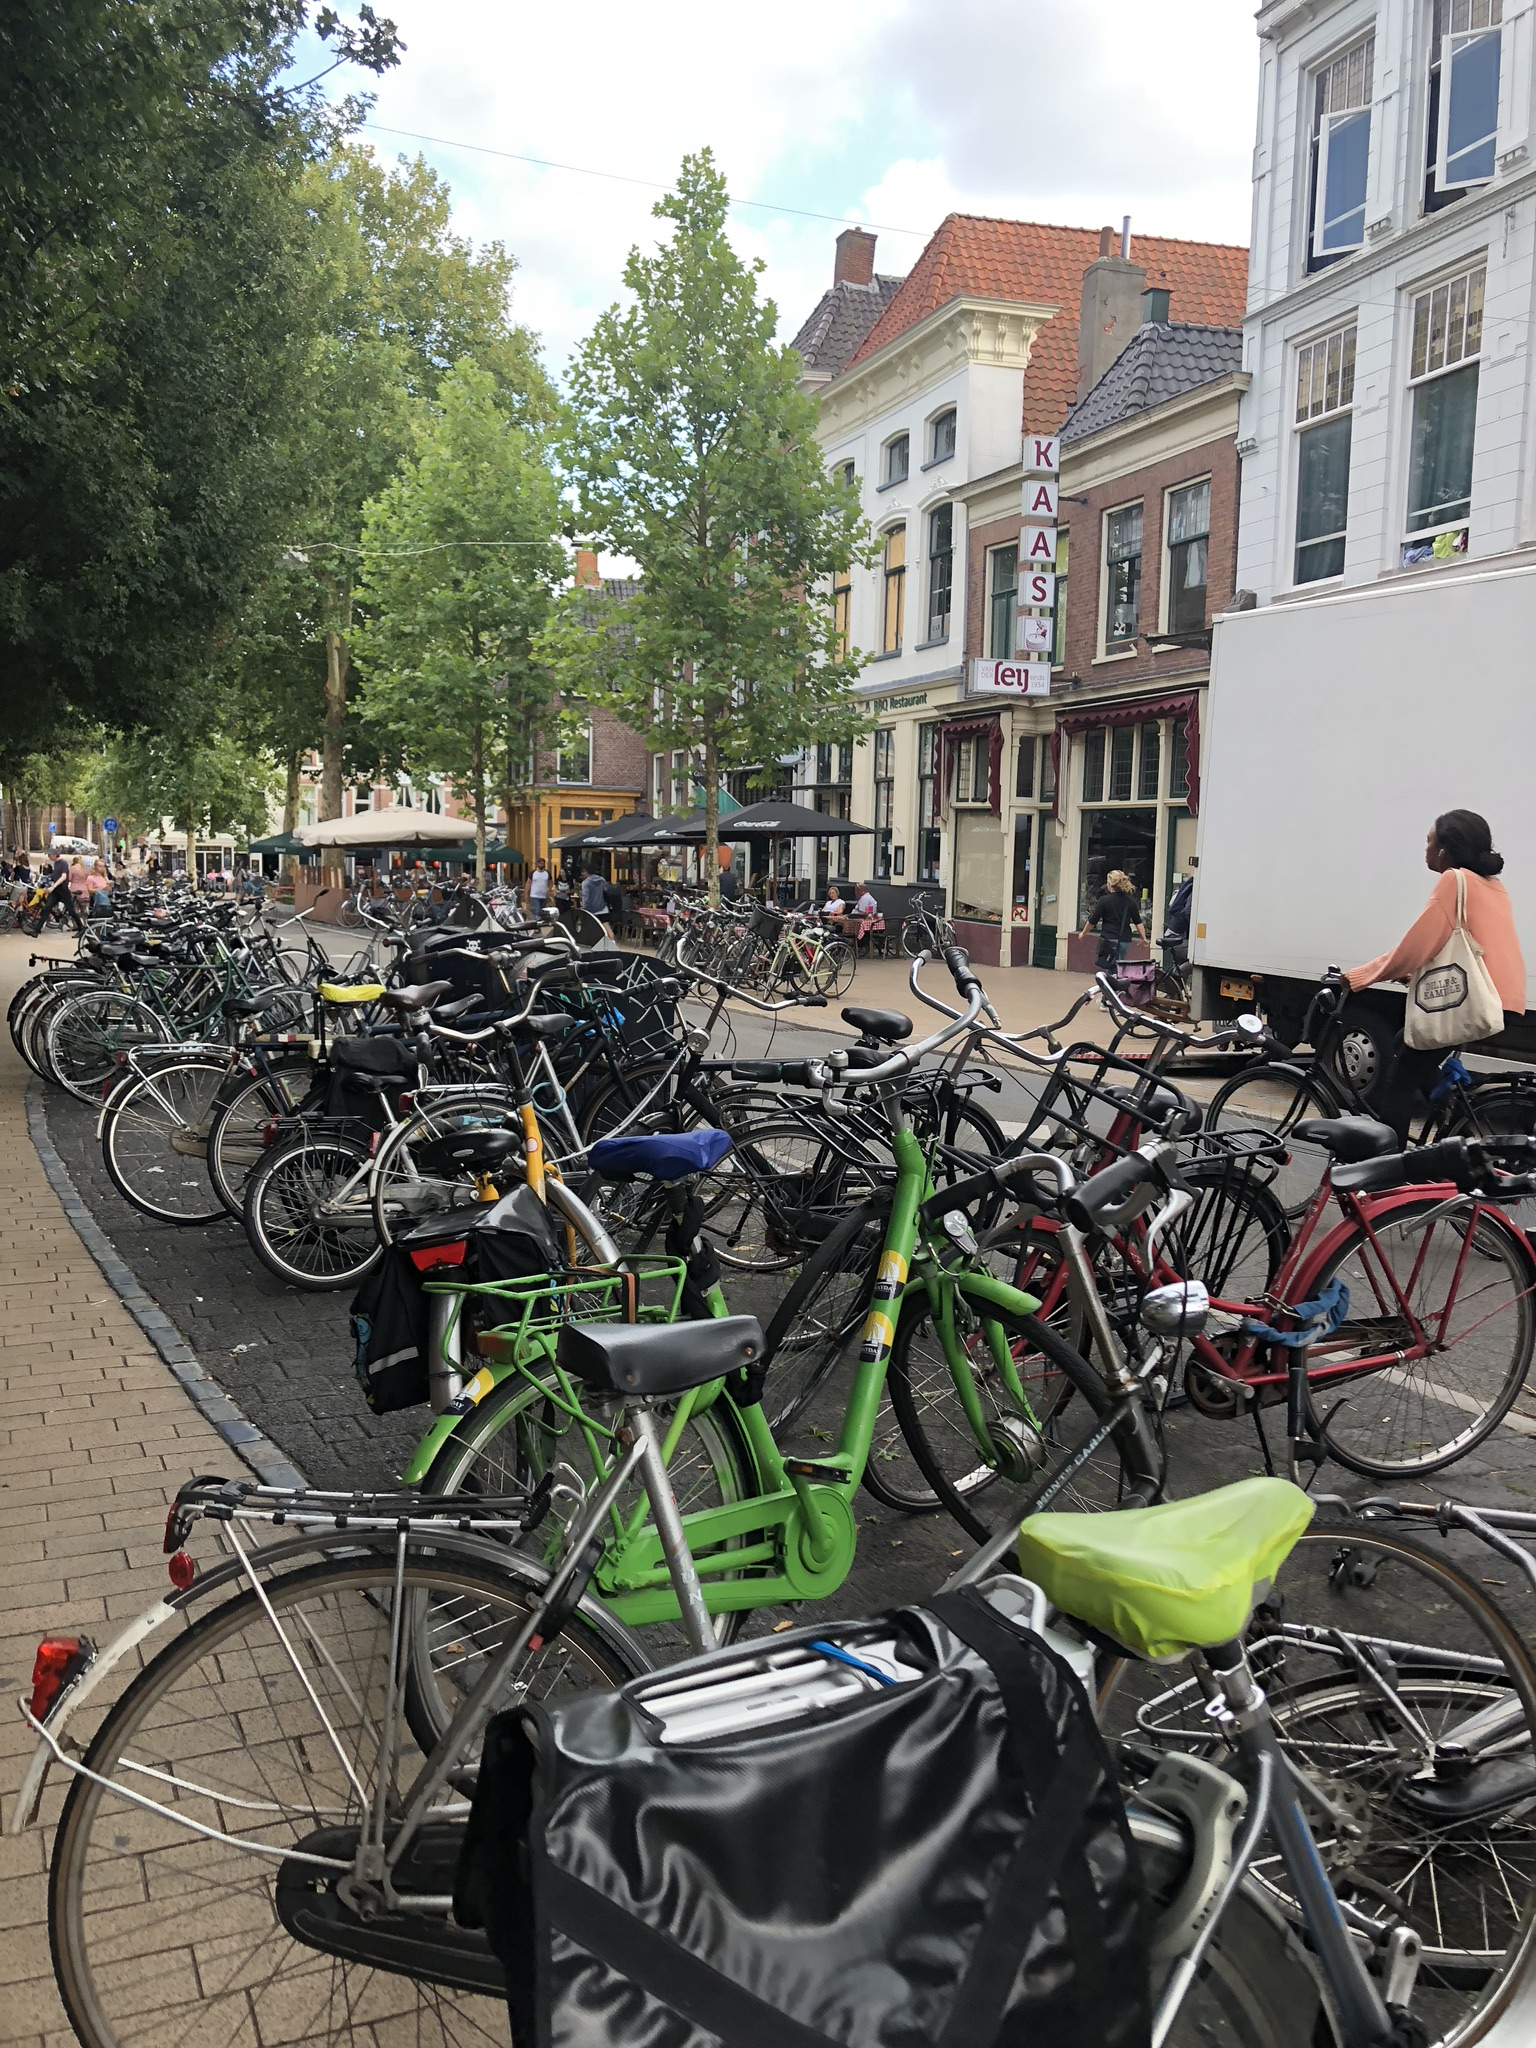 Polkupyöriä Groningenissa